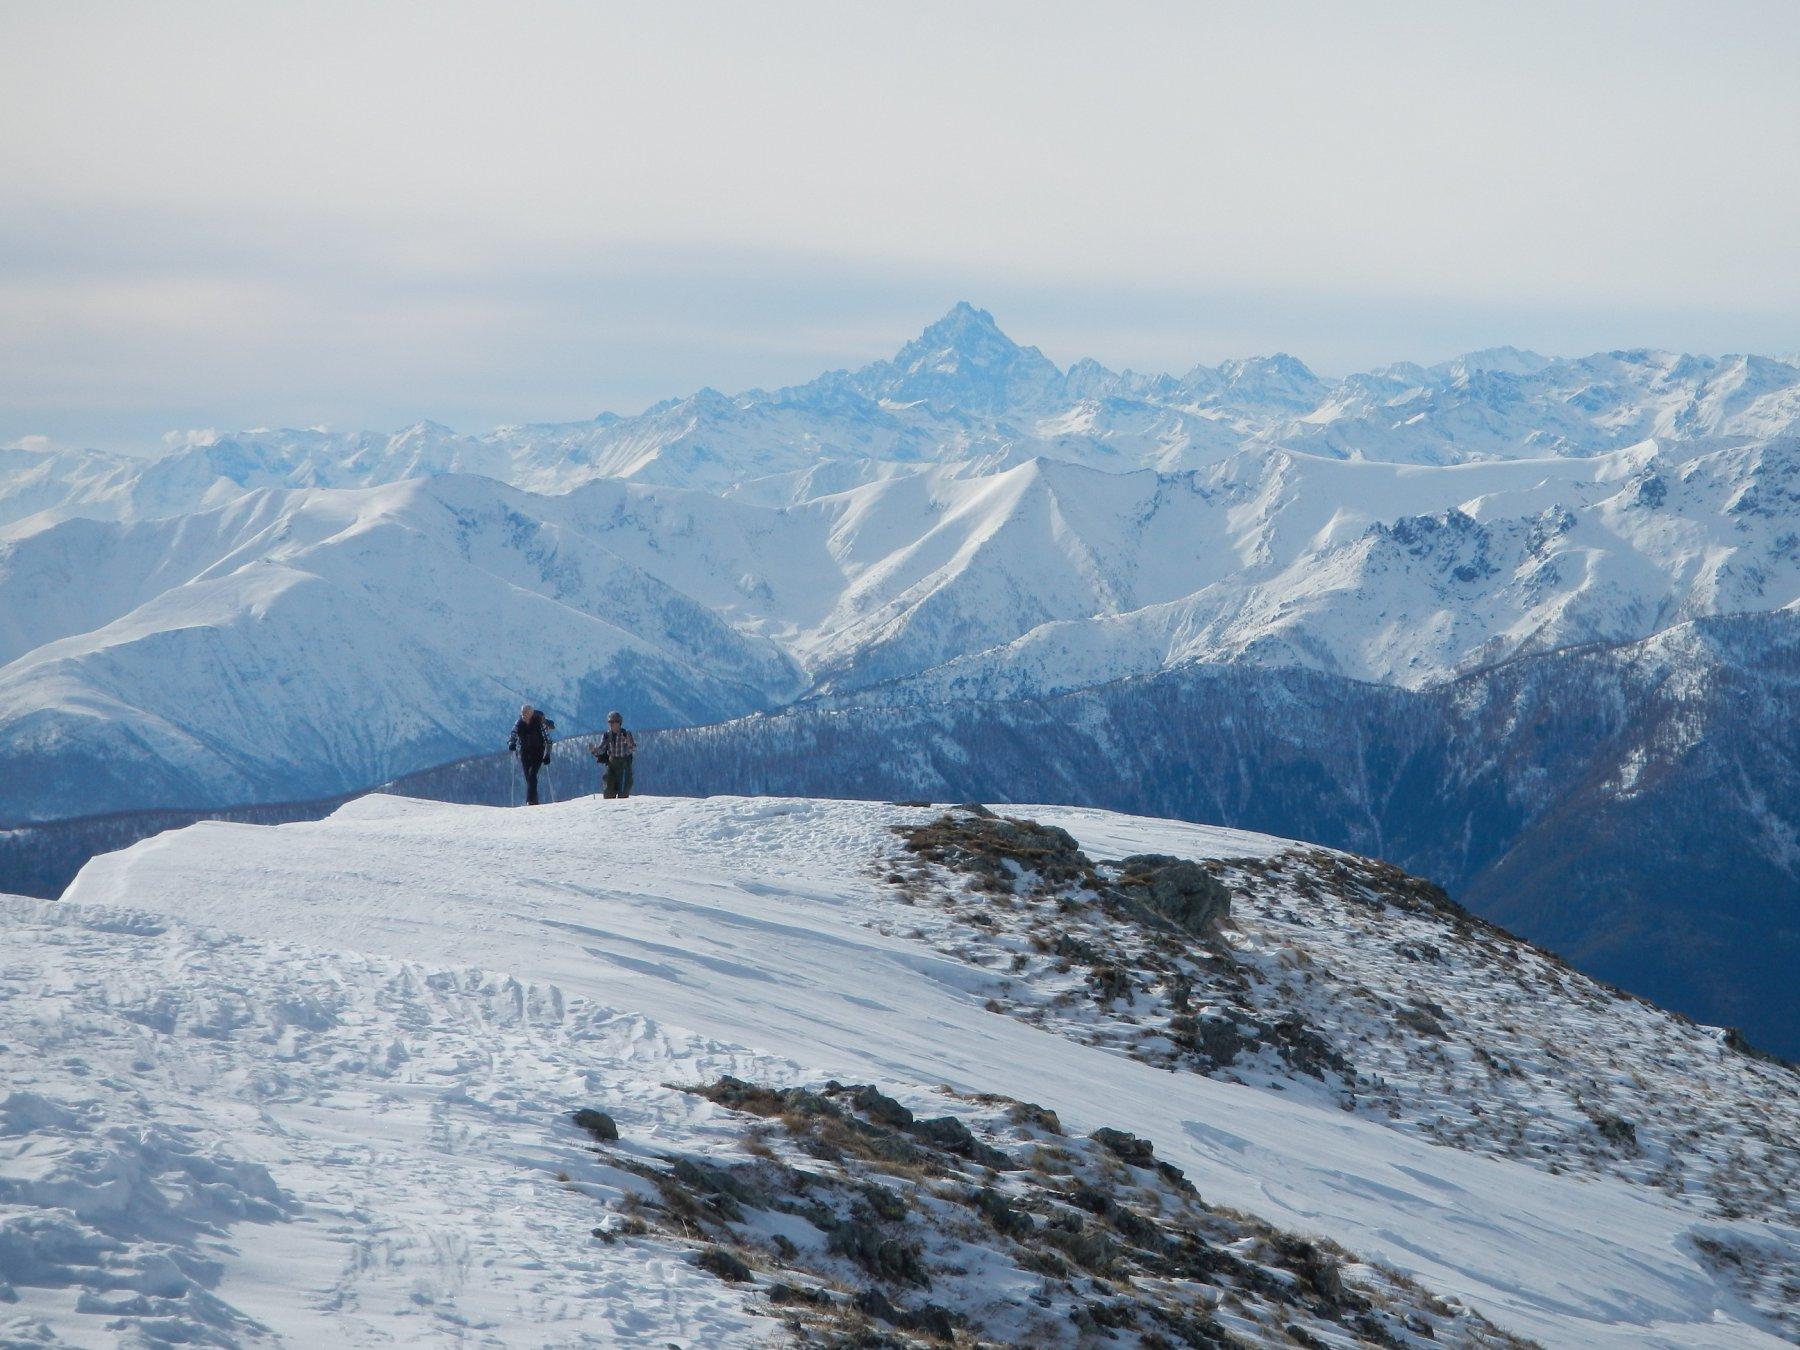 la dorsale della cima: ampia e panoramica